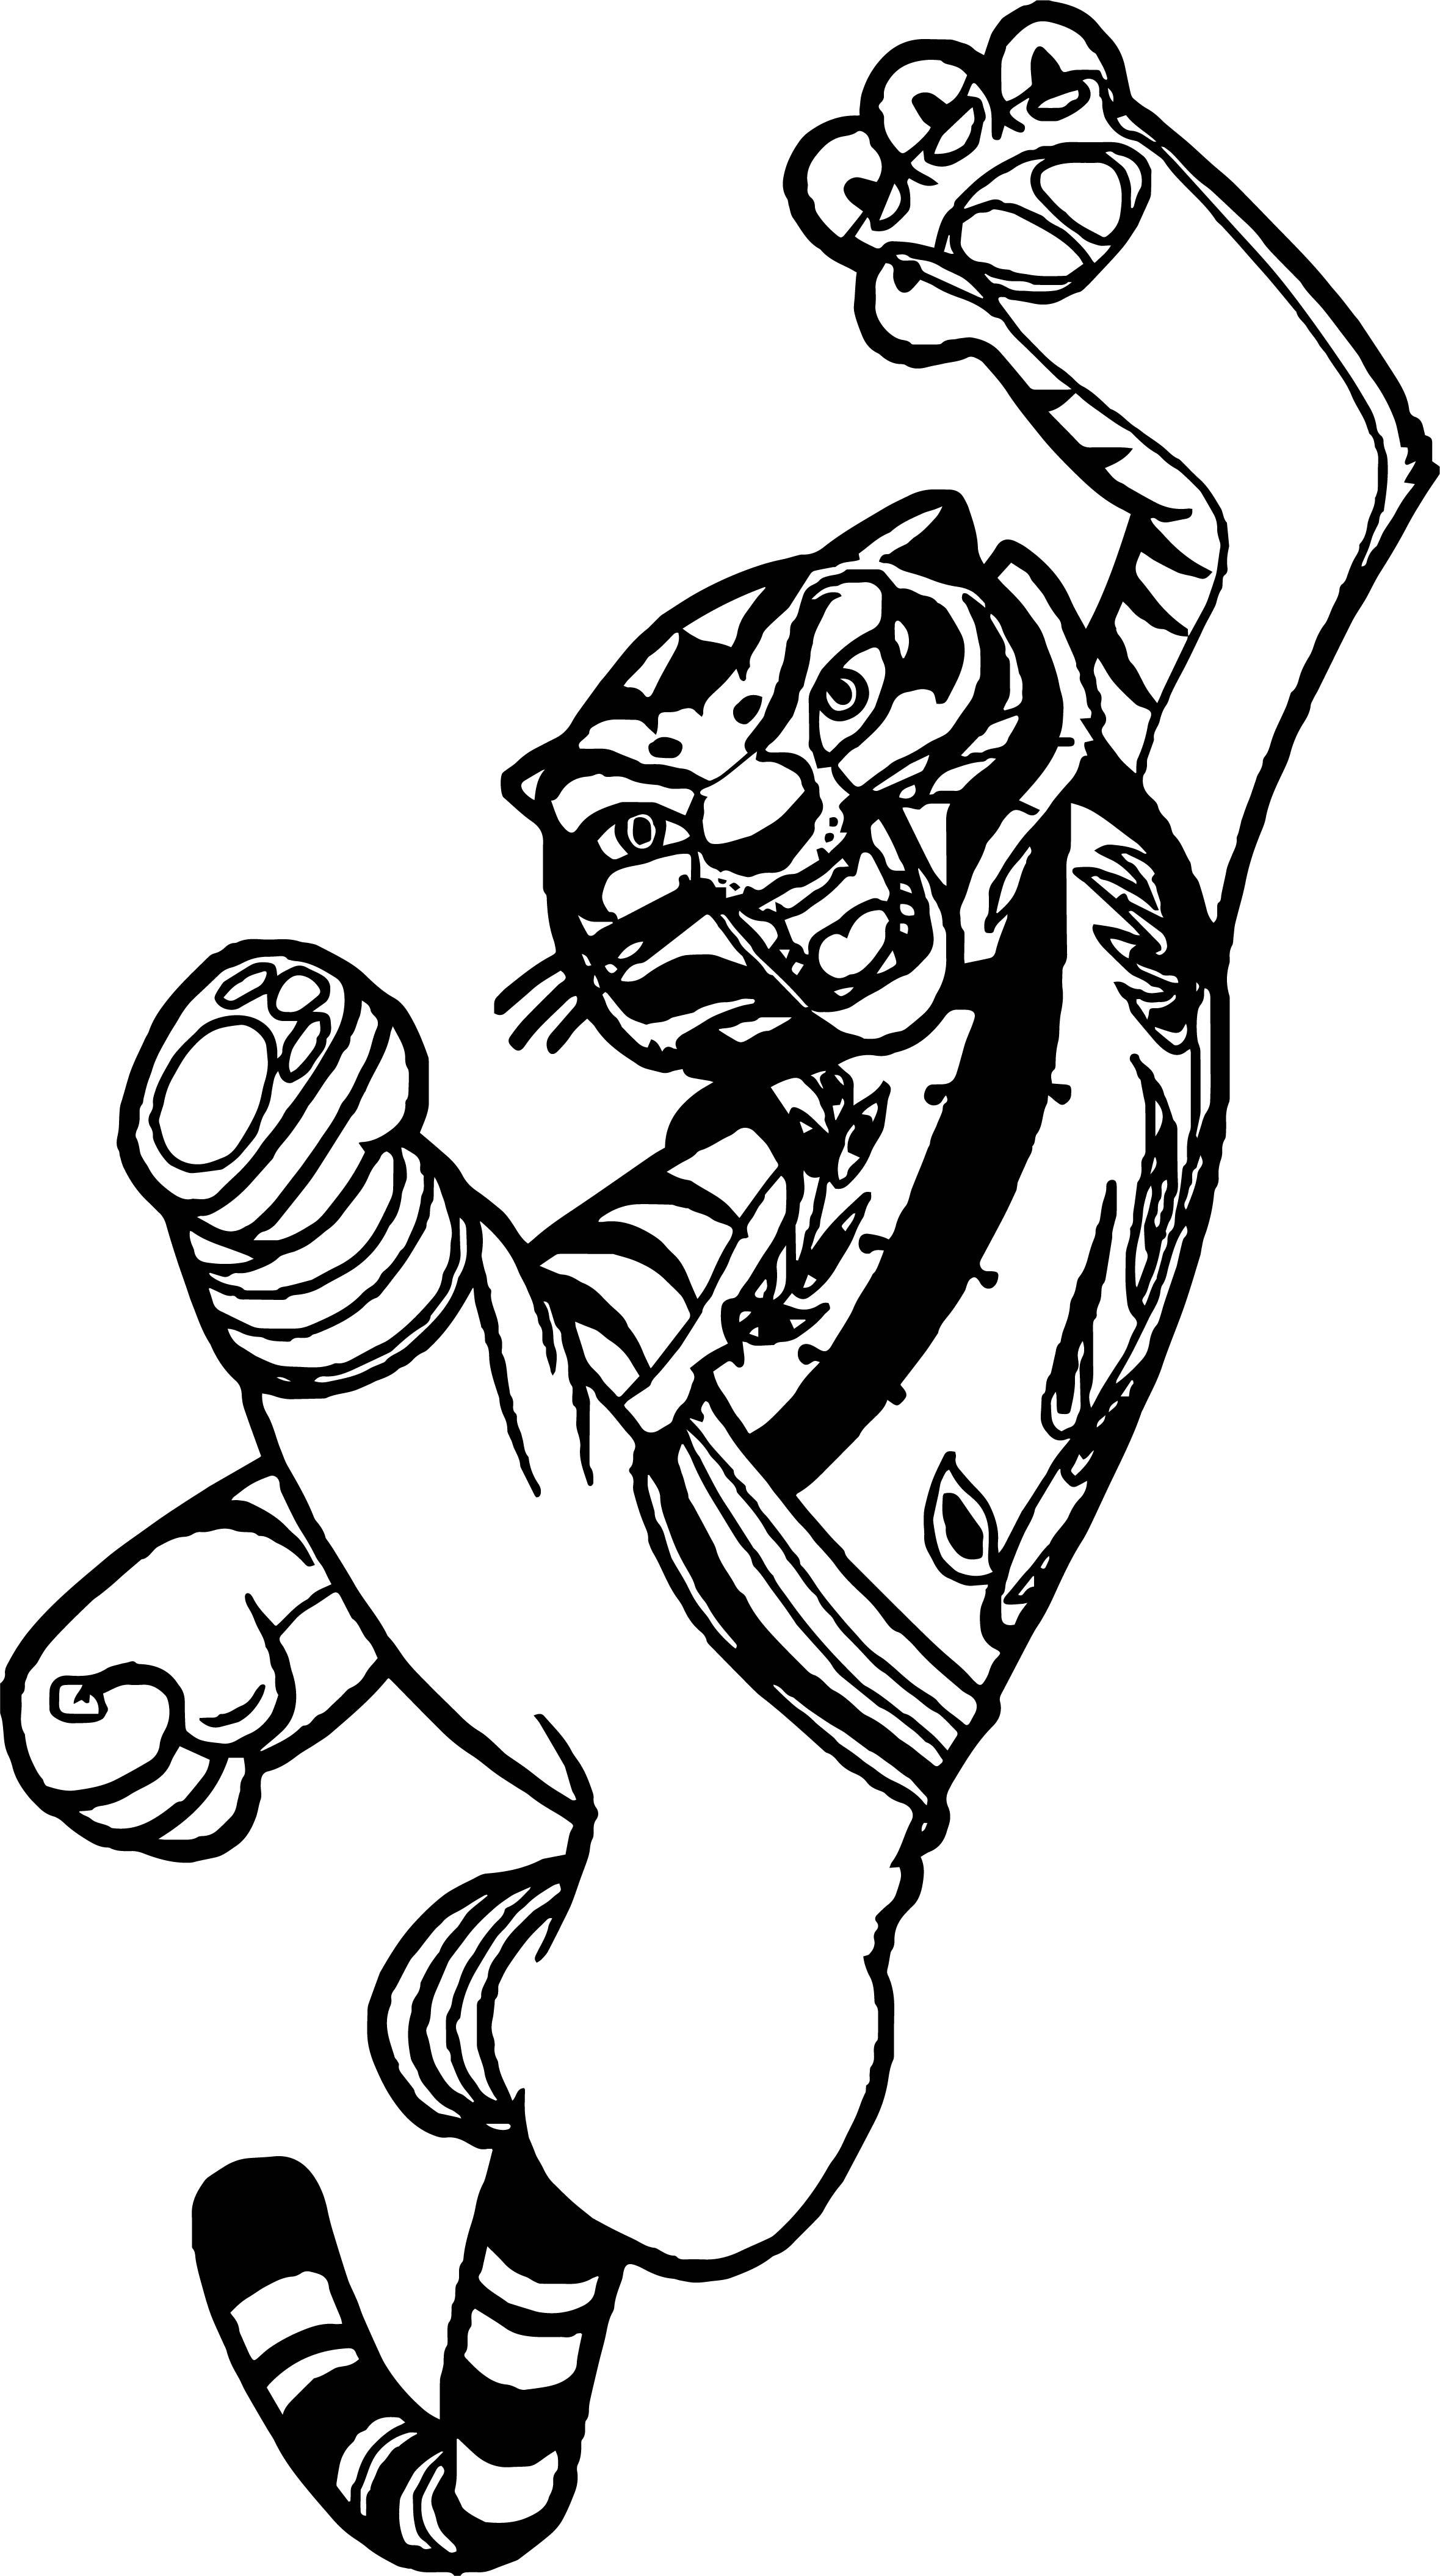 Kung Fu Panda Tiger Kick Coloring Page